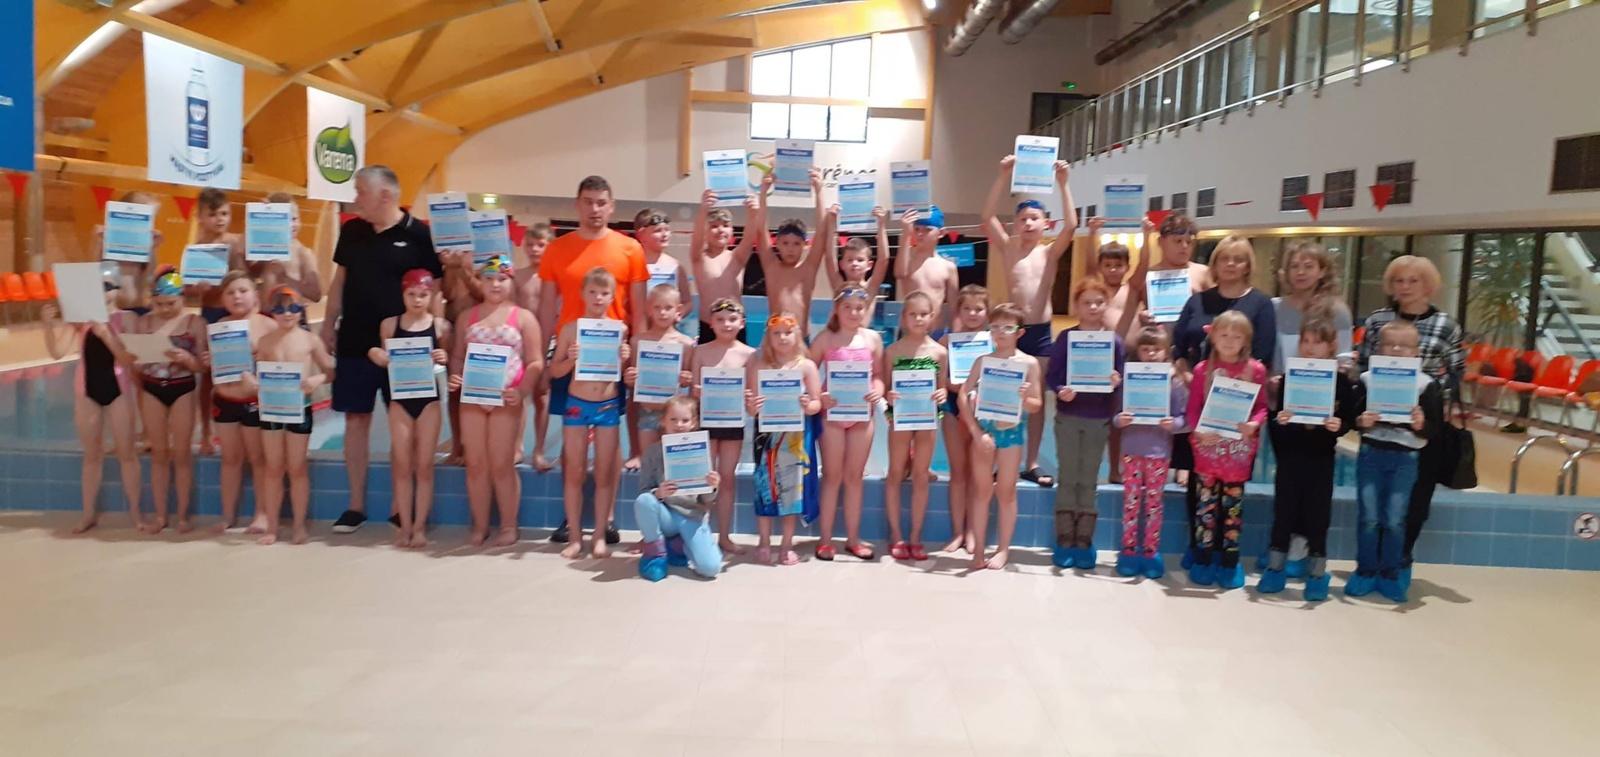 Varėnos baseine sėkmingai įgyvendinami mokymui plaukti skirti projektai